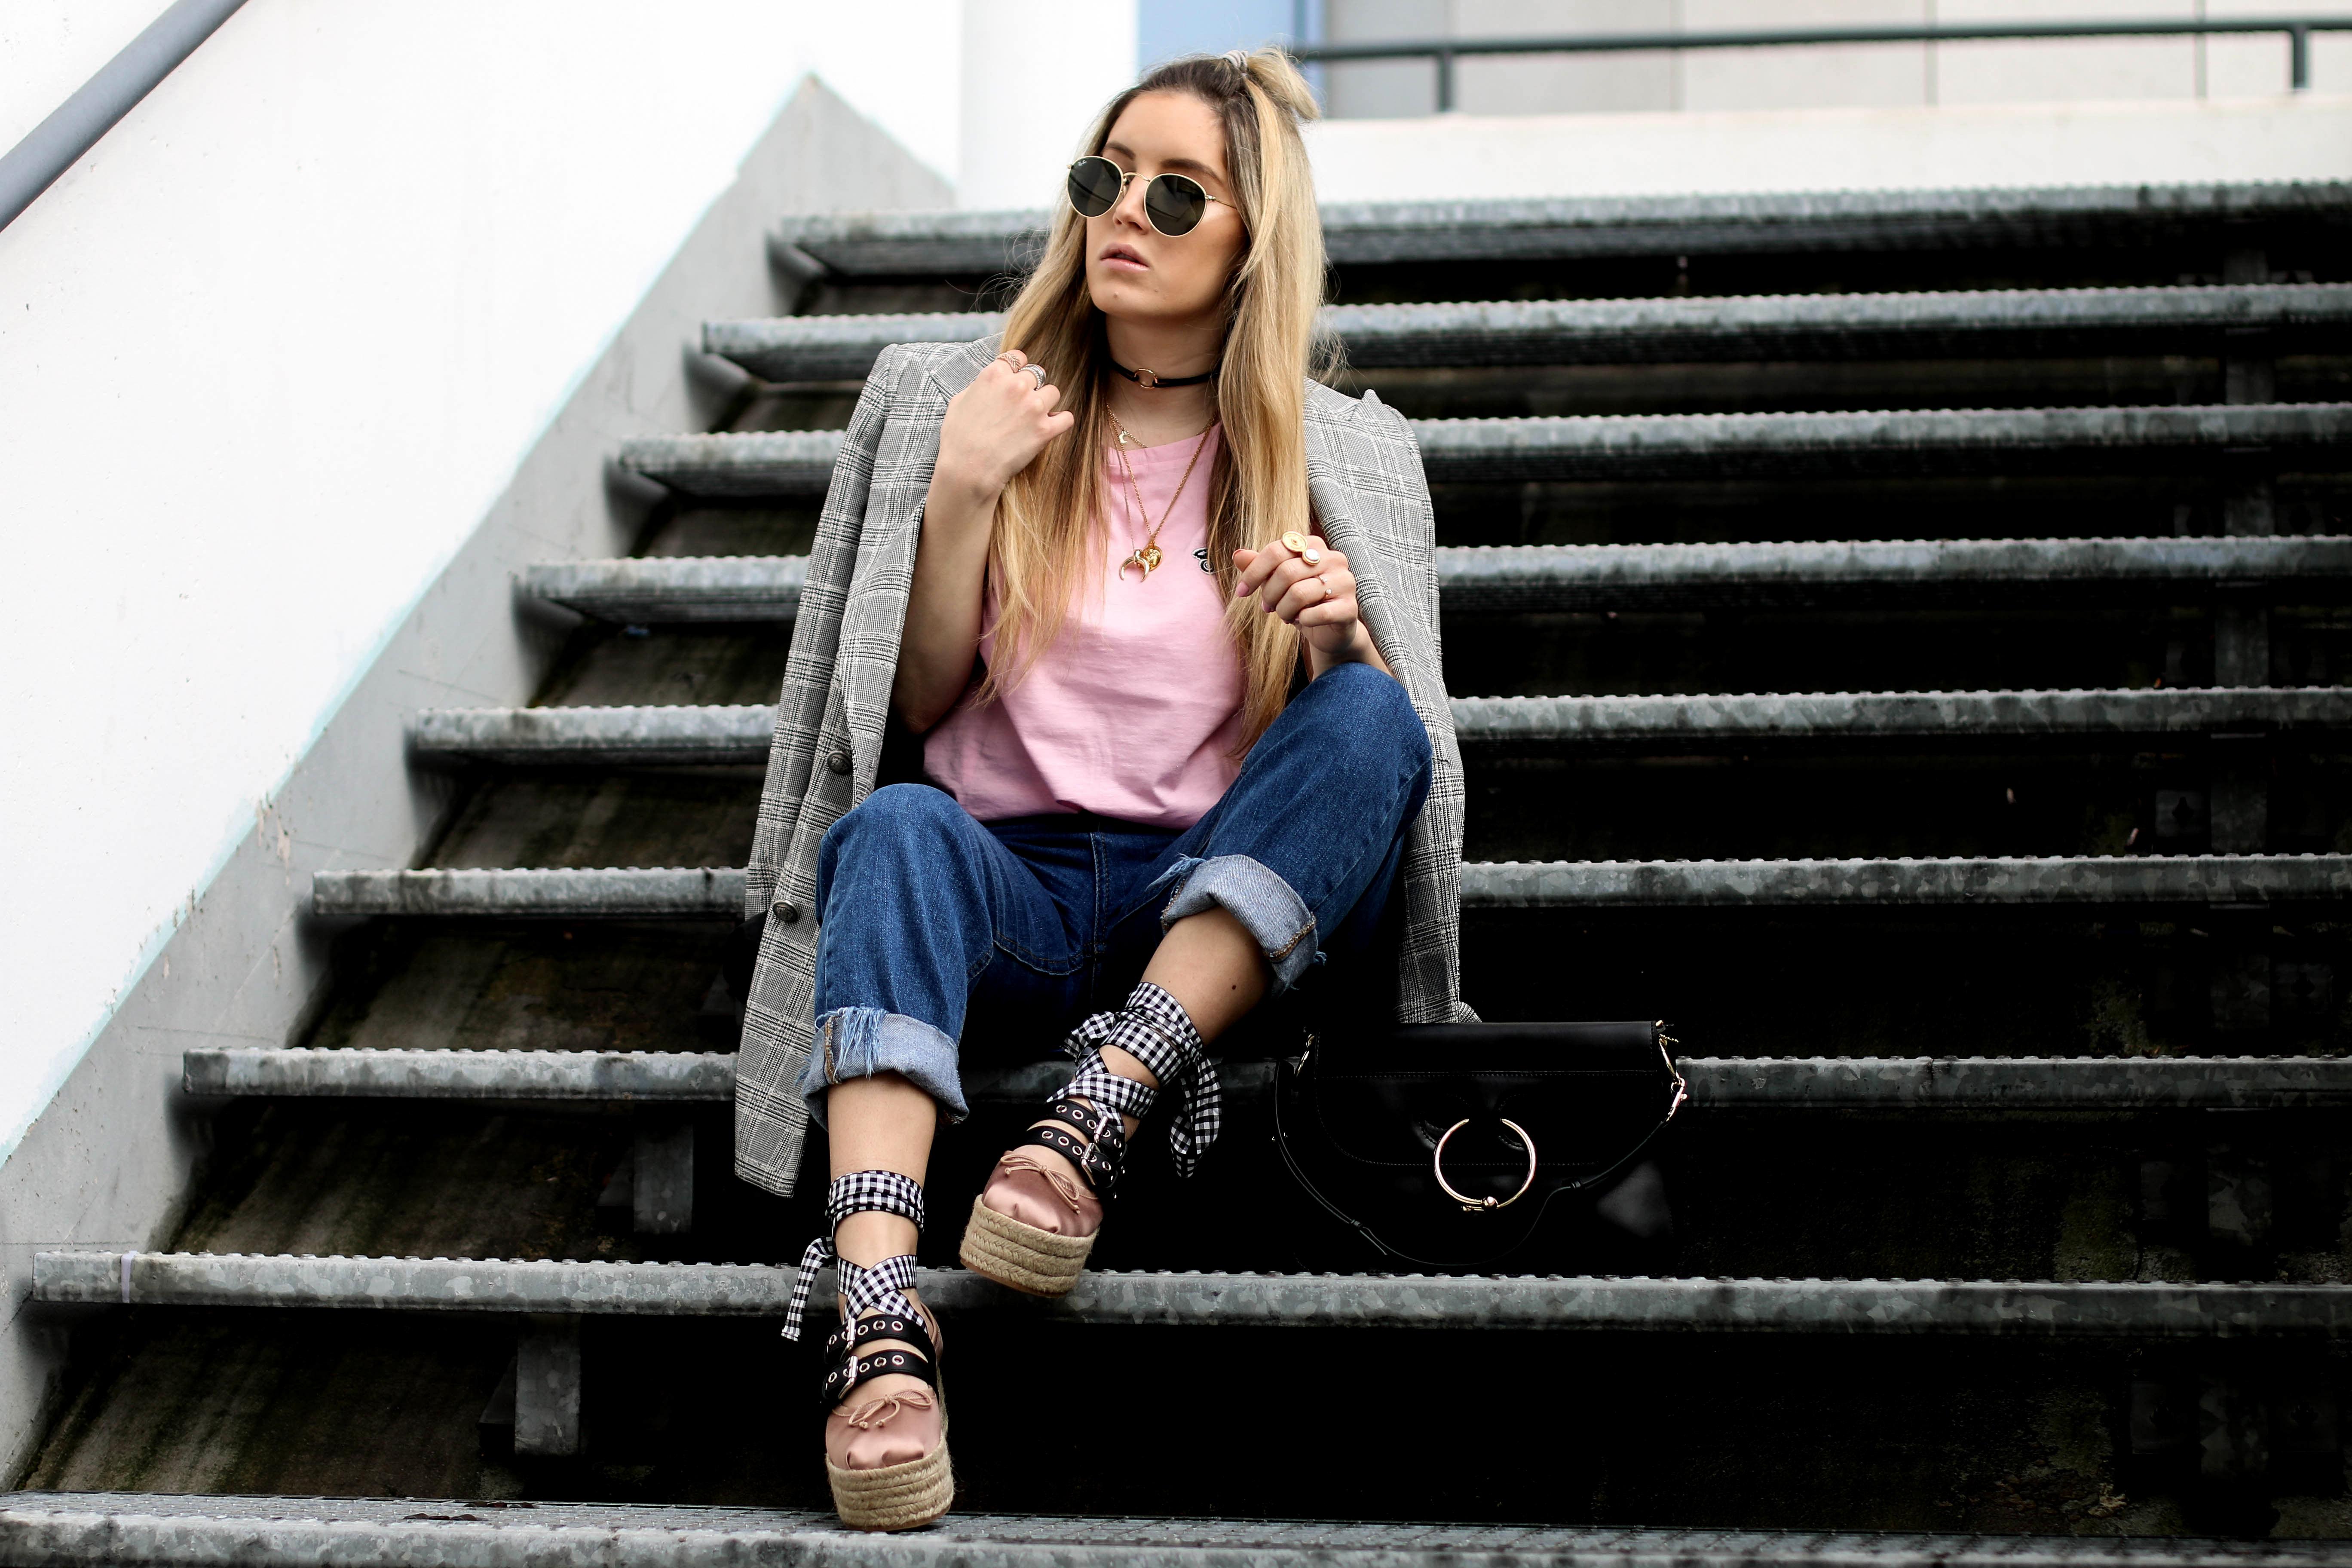 miu-miu-platforms-platform-ballerina-miu-miu-shoes-blogger-streetstyle